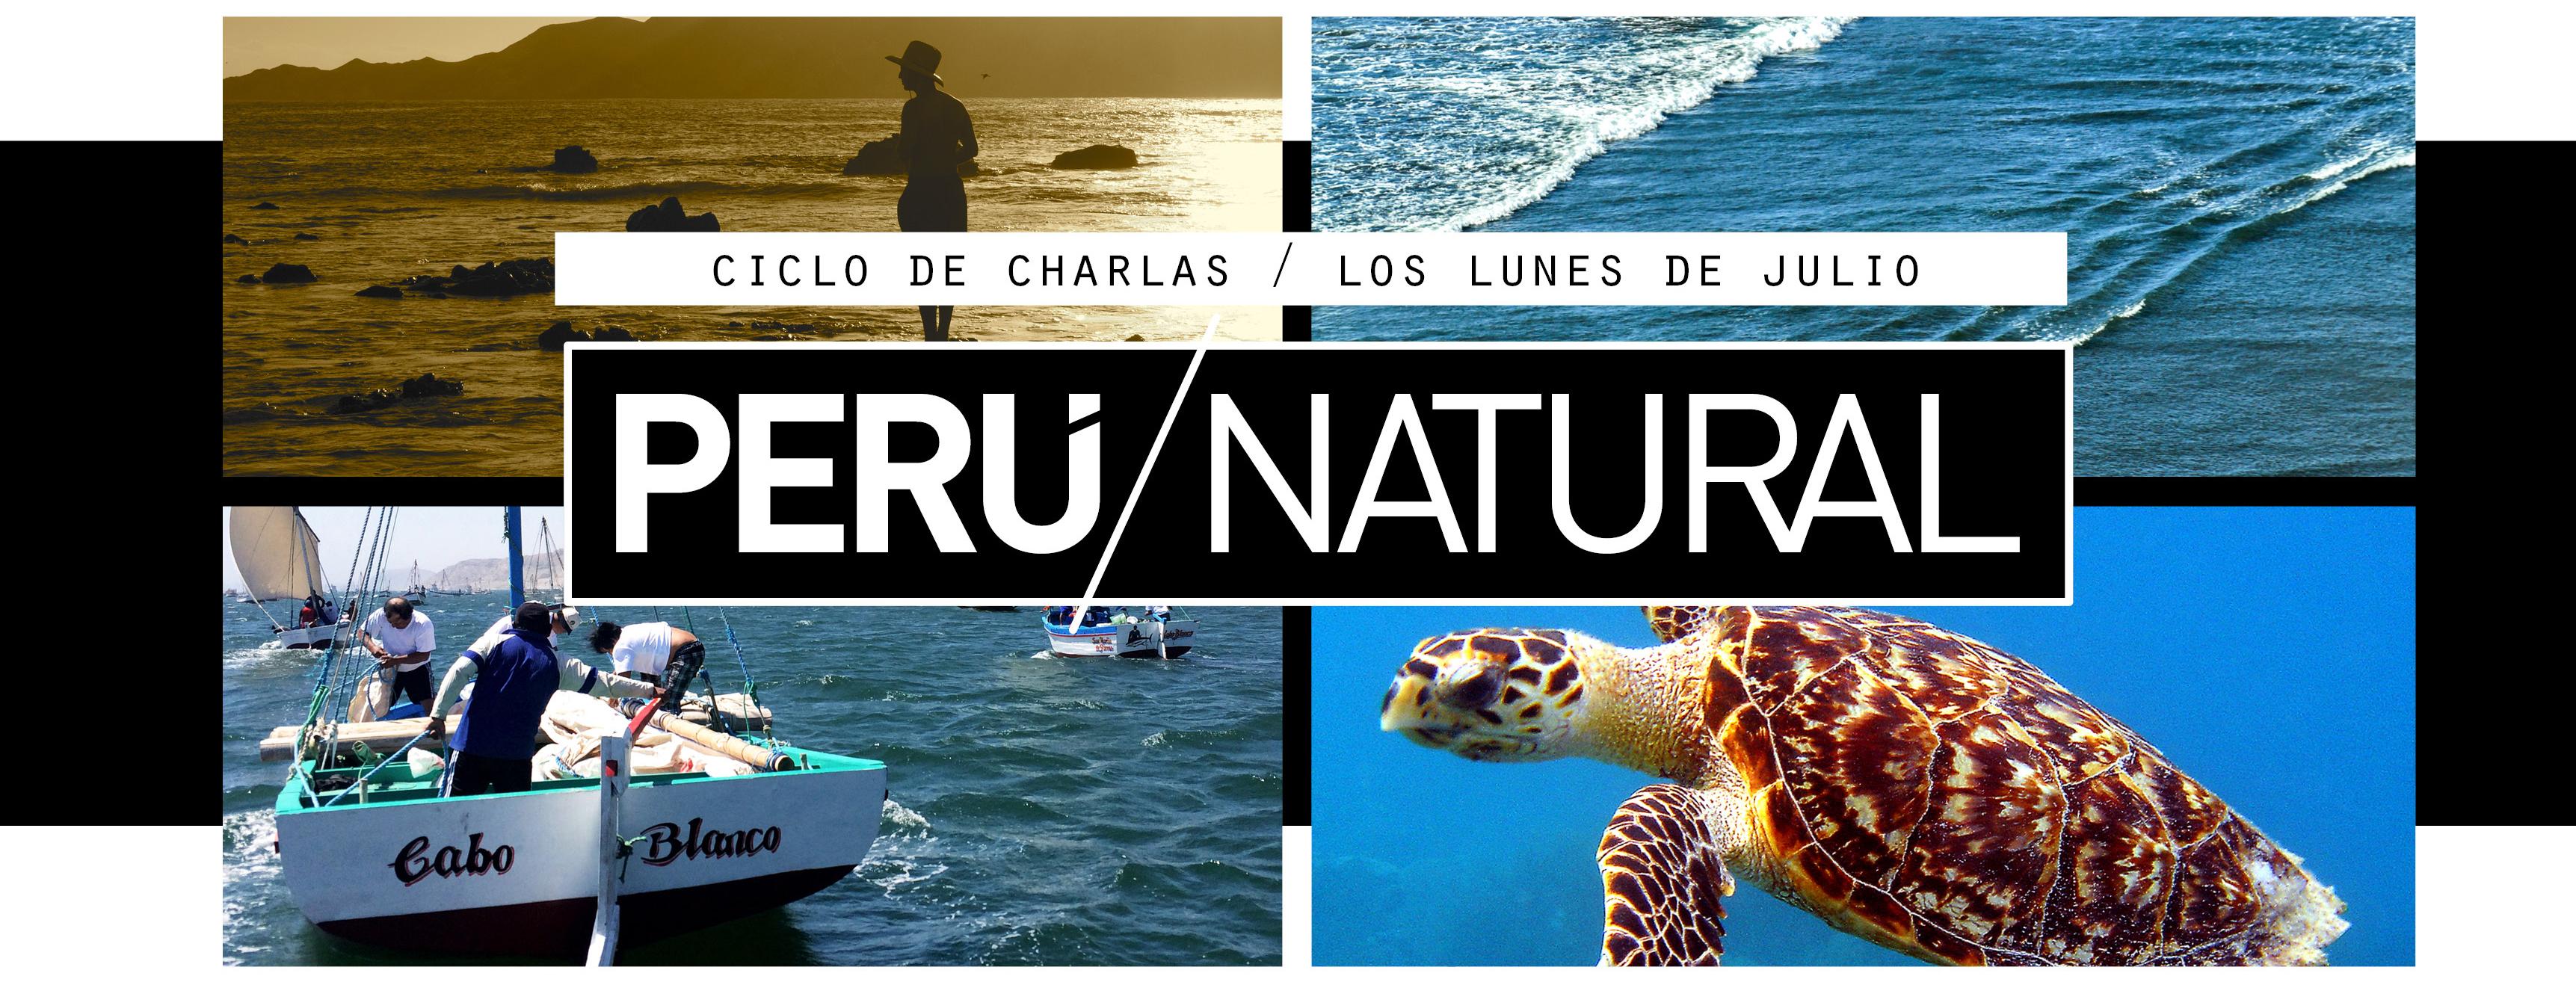 PERU-NATURAL-20172